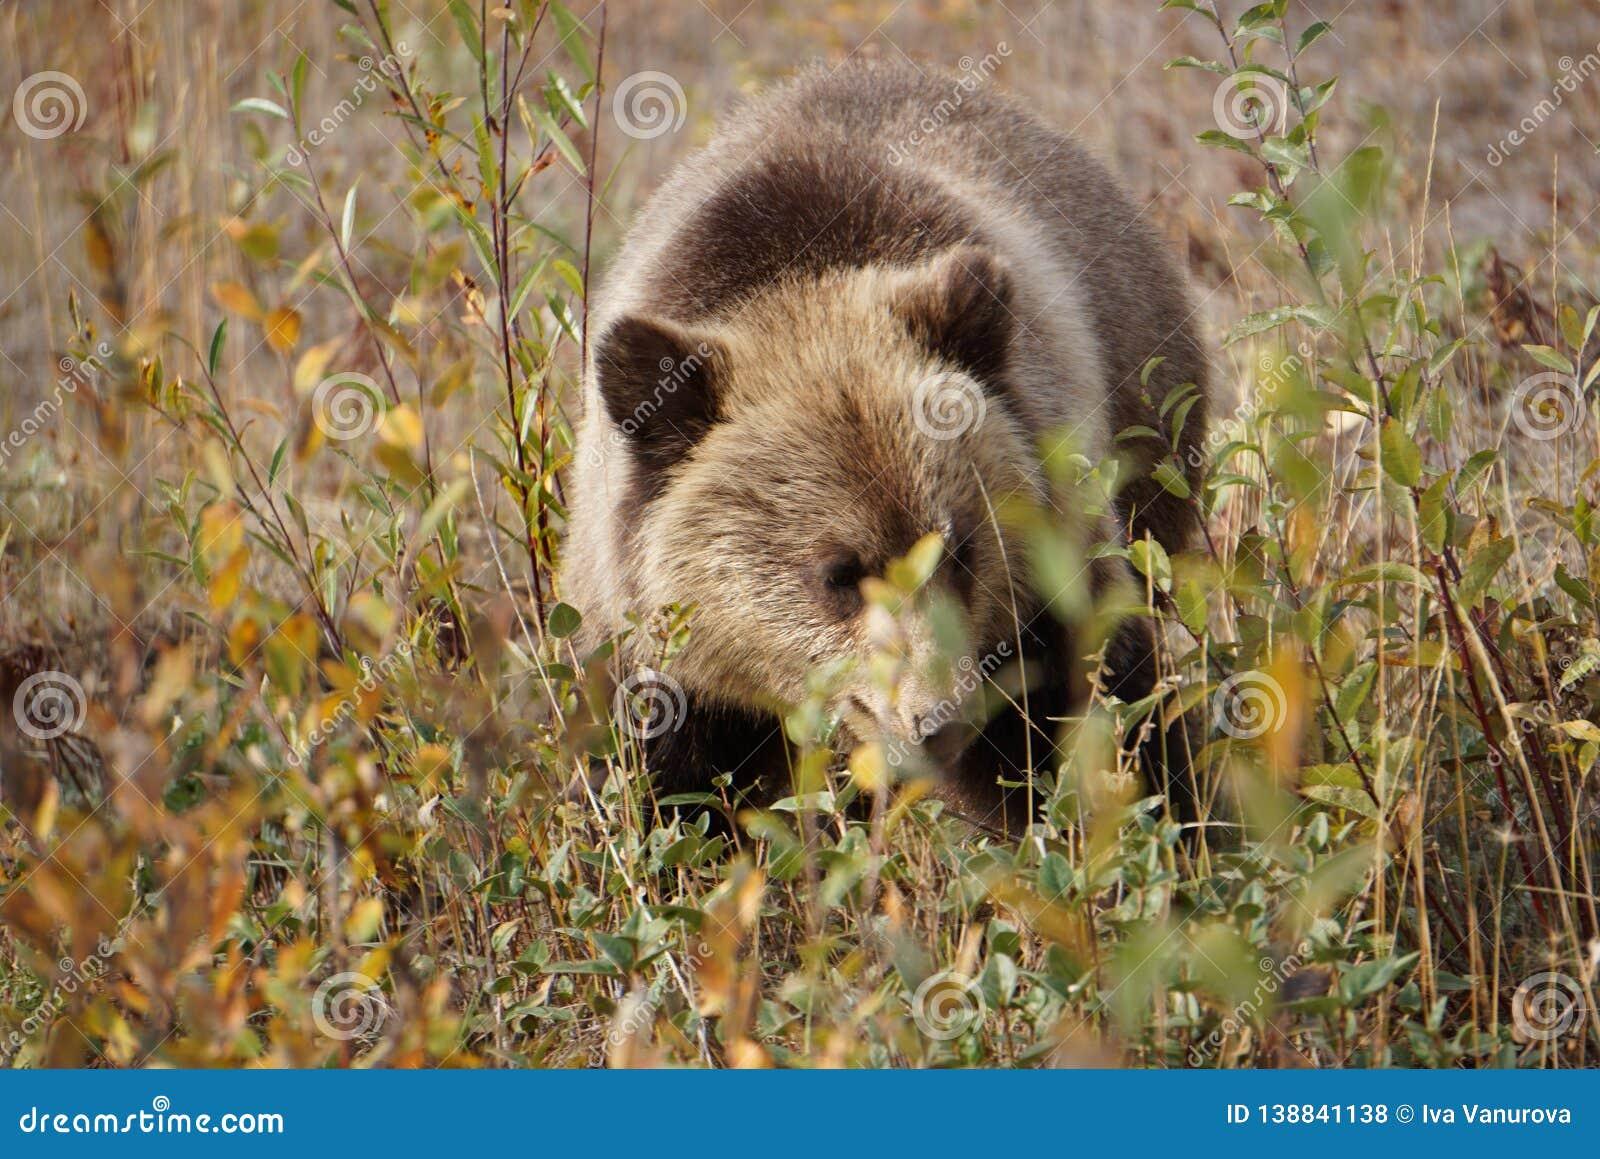 Bear cub in north America